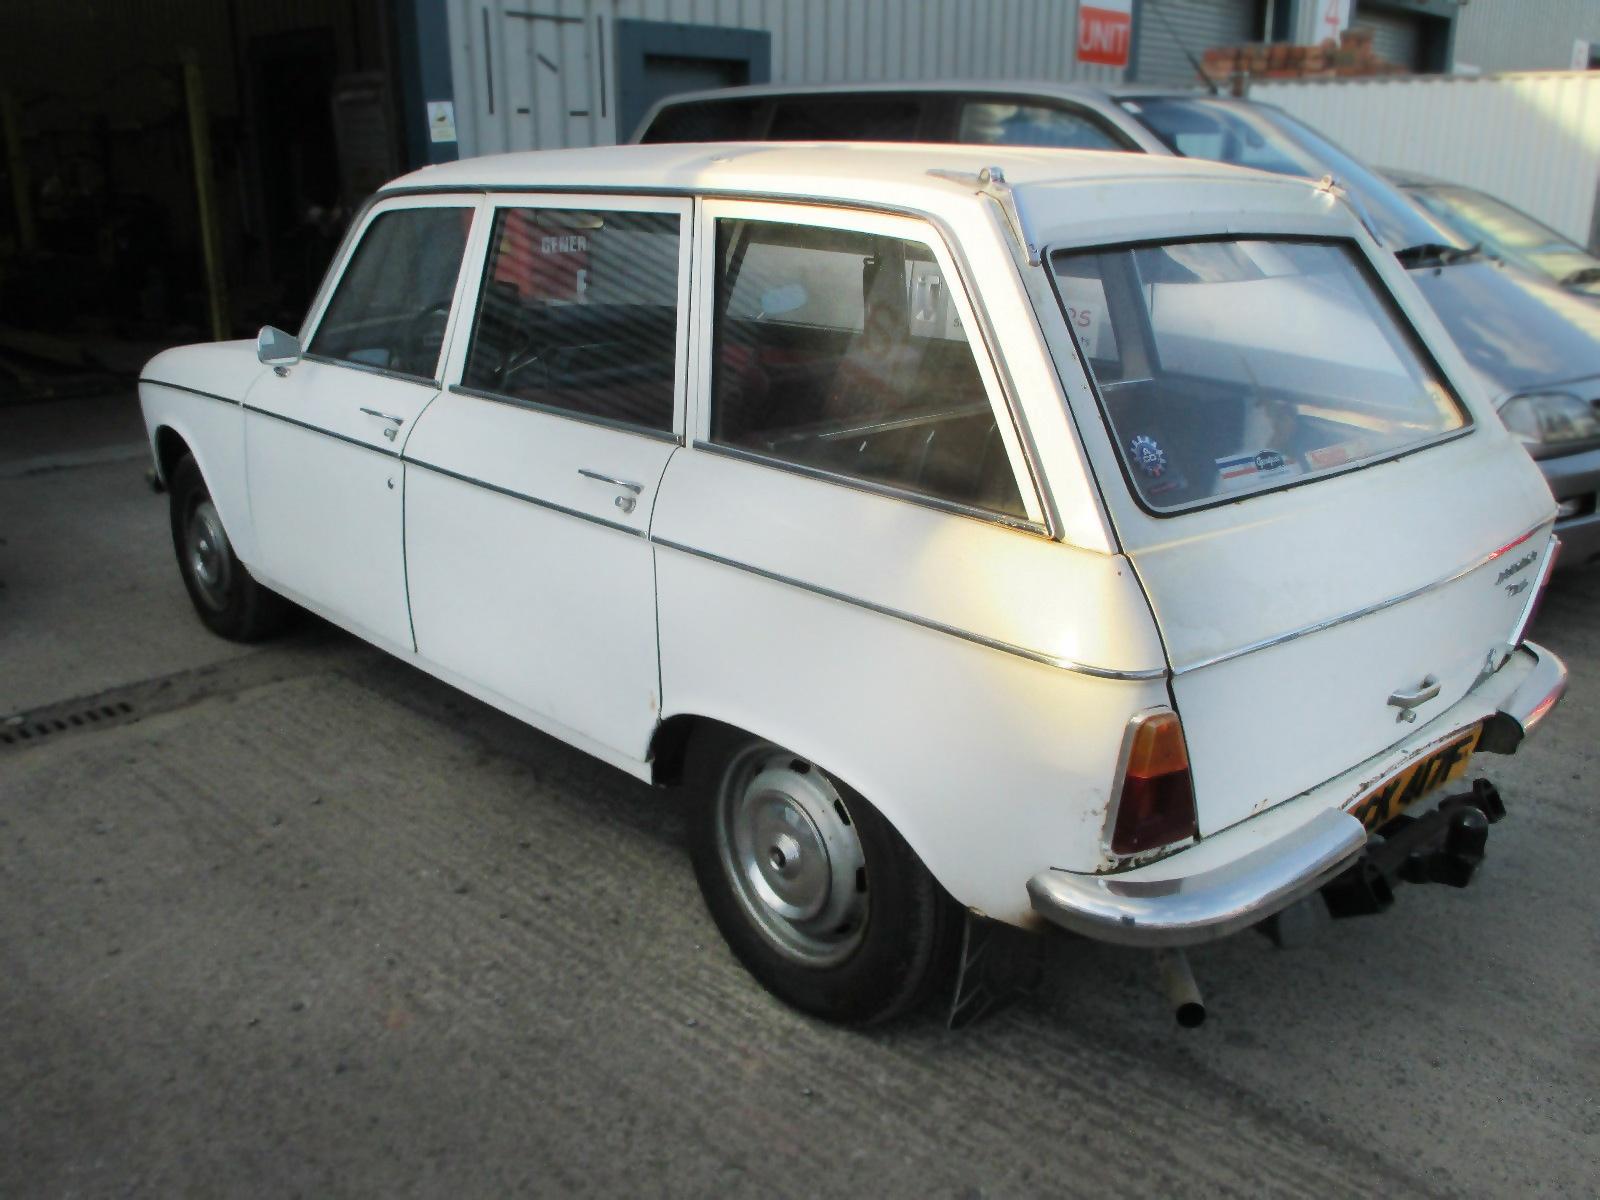 103016 Barn Finds 1968 Peugeot 204 Estate 1